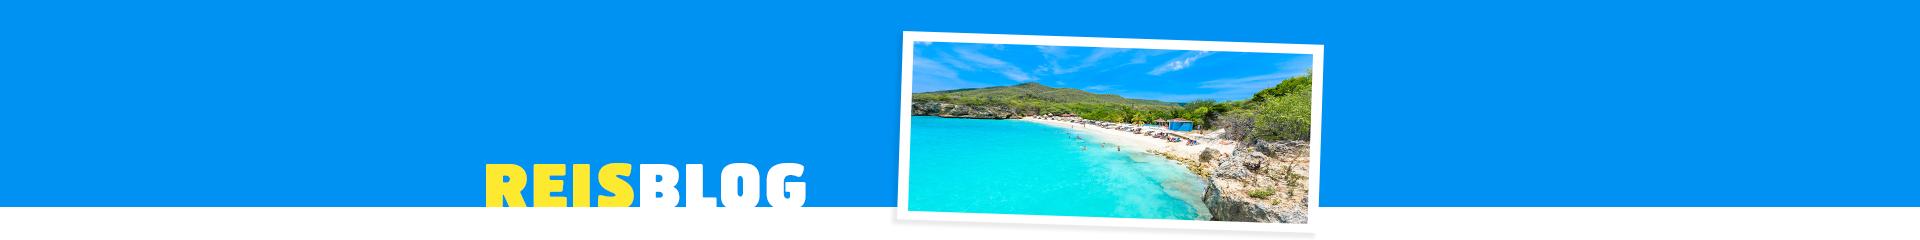 De grote Knip op het Caribische eiland Curacao